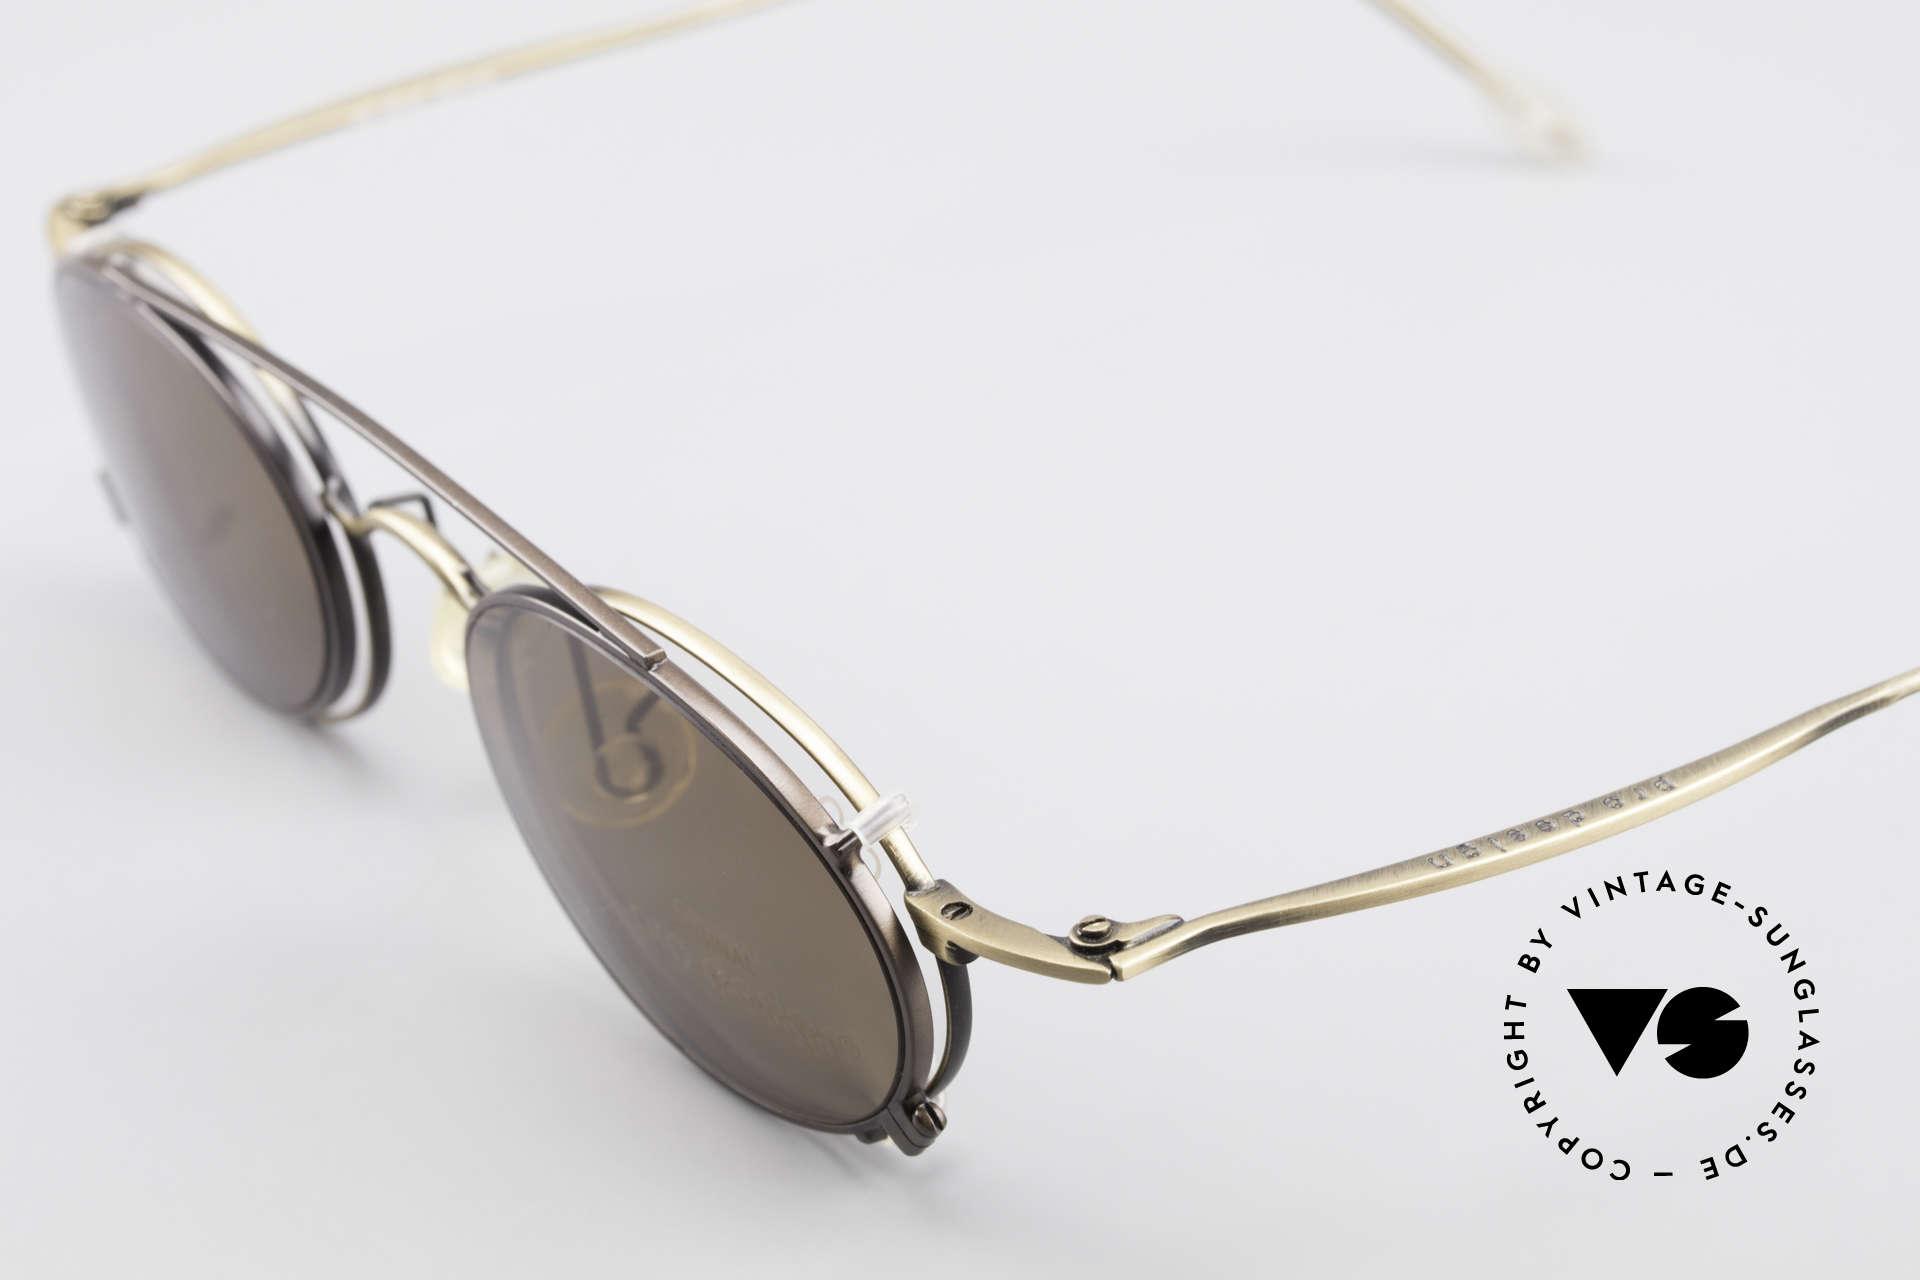 ProDesign P806 Clip On Sonnenbrille Polar, POLARisierender Sonnen-Clip für optimalen UV-Schutz, Passend für Herren und Damen